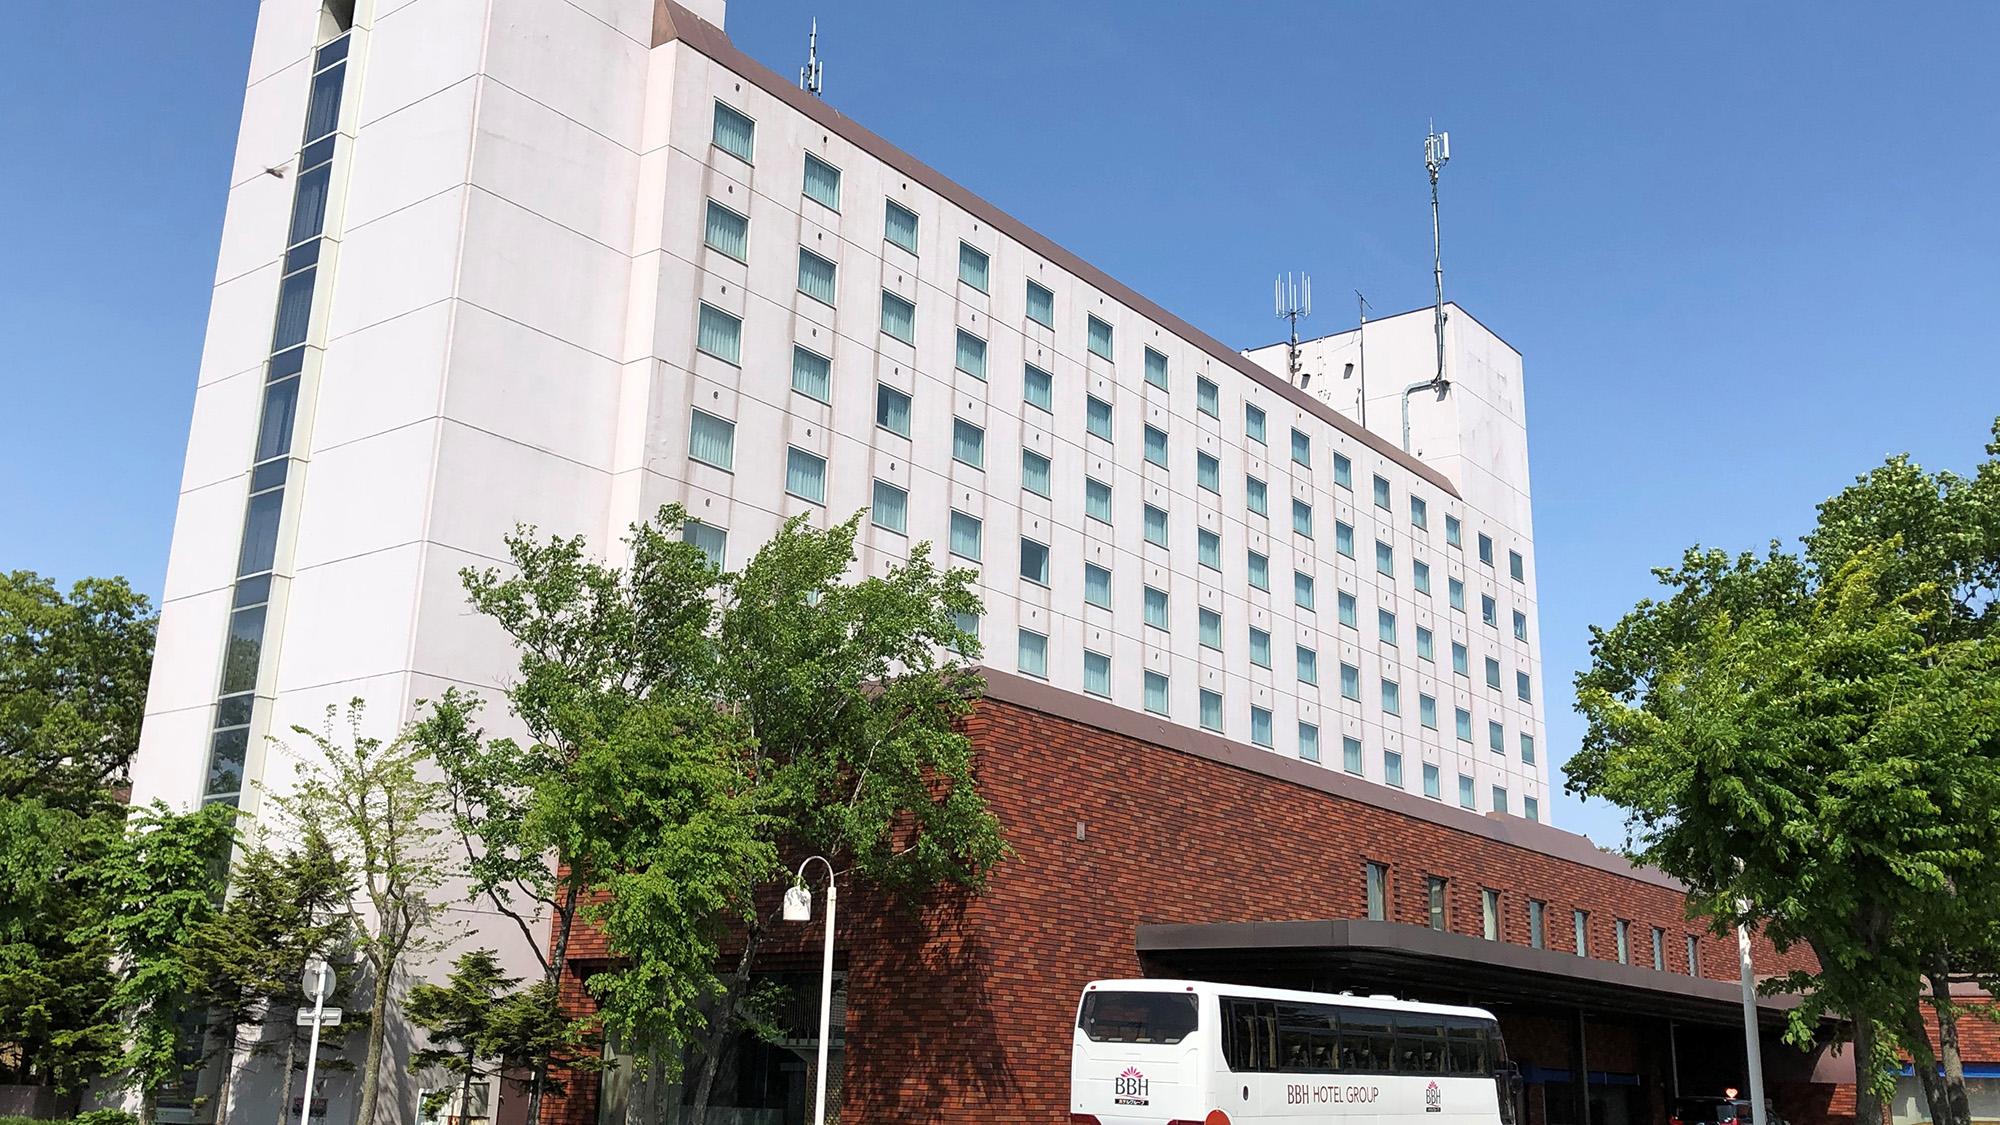 ホテル グランテラス 千歳◆楽天トラベル